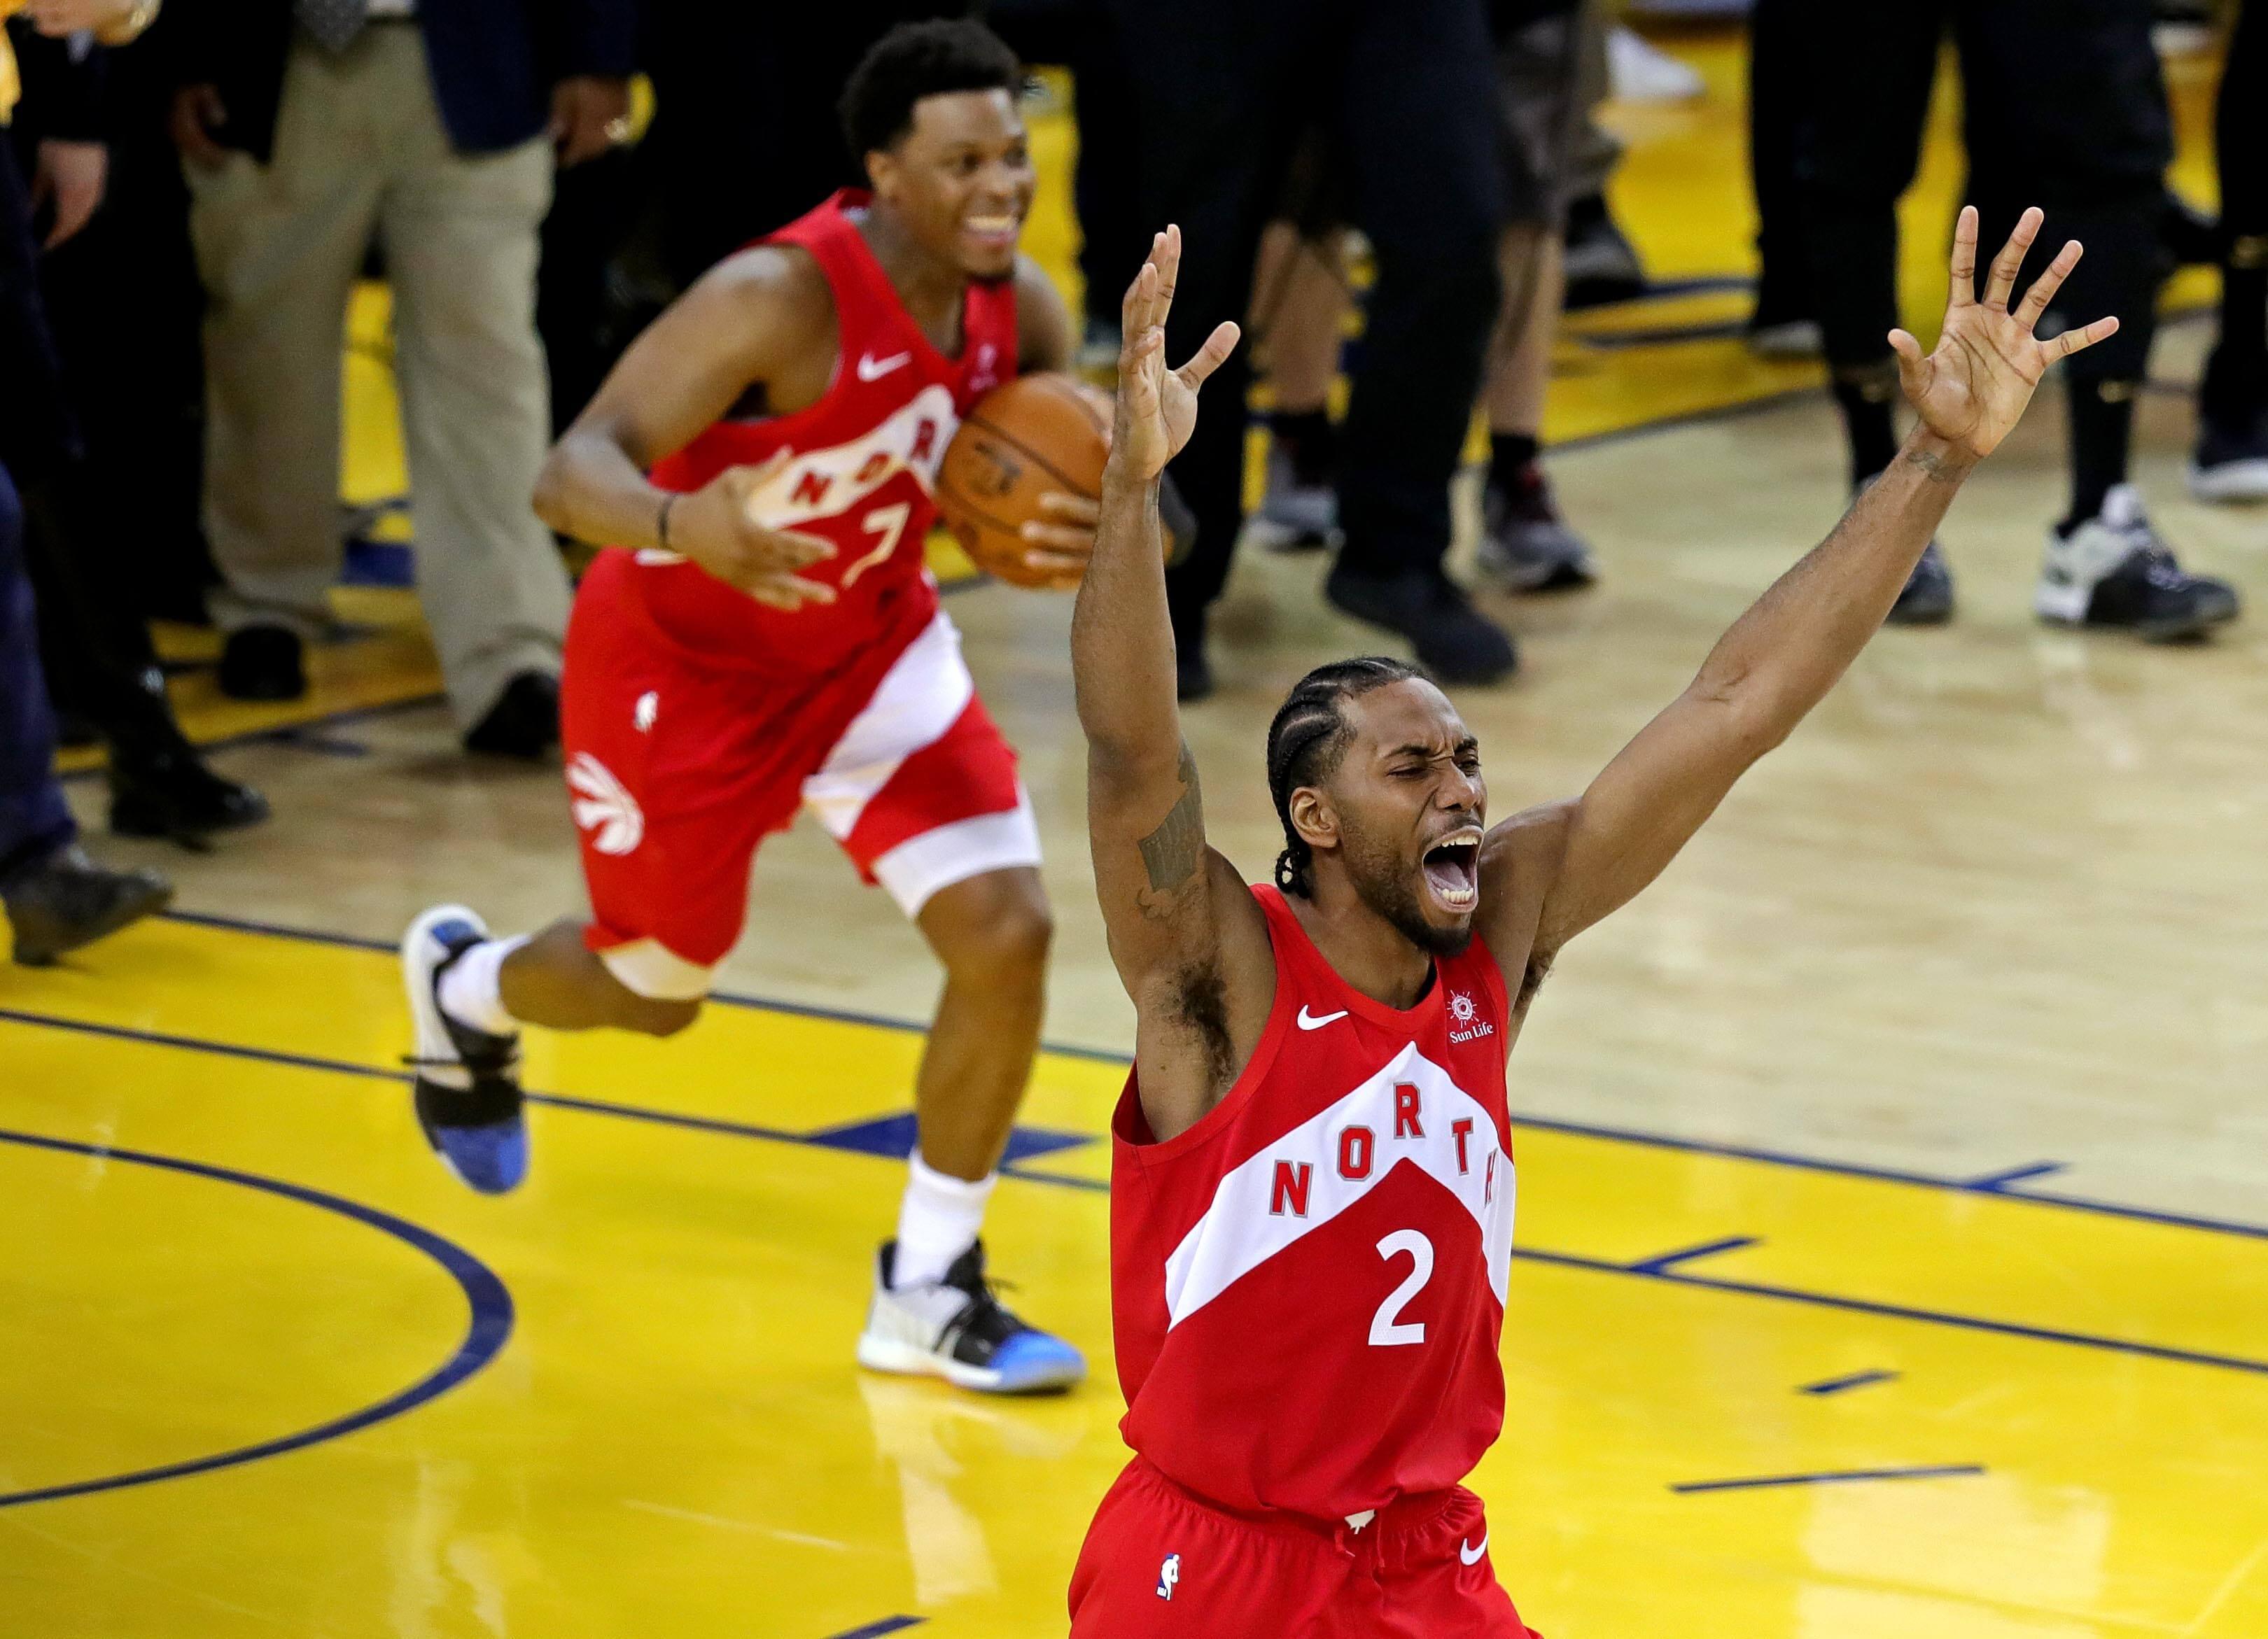 Έγραψαν ιστορία οι Ράπτορς! Πρώτη φορά πρωταθλητές NBA!